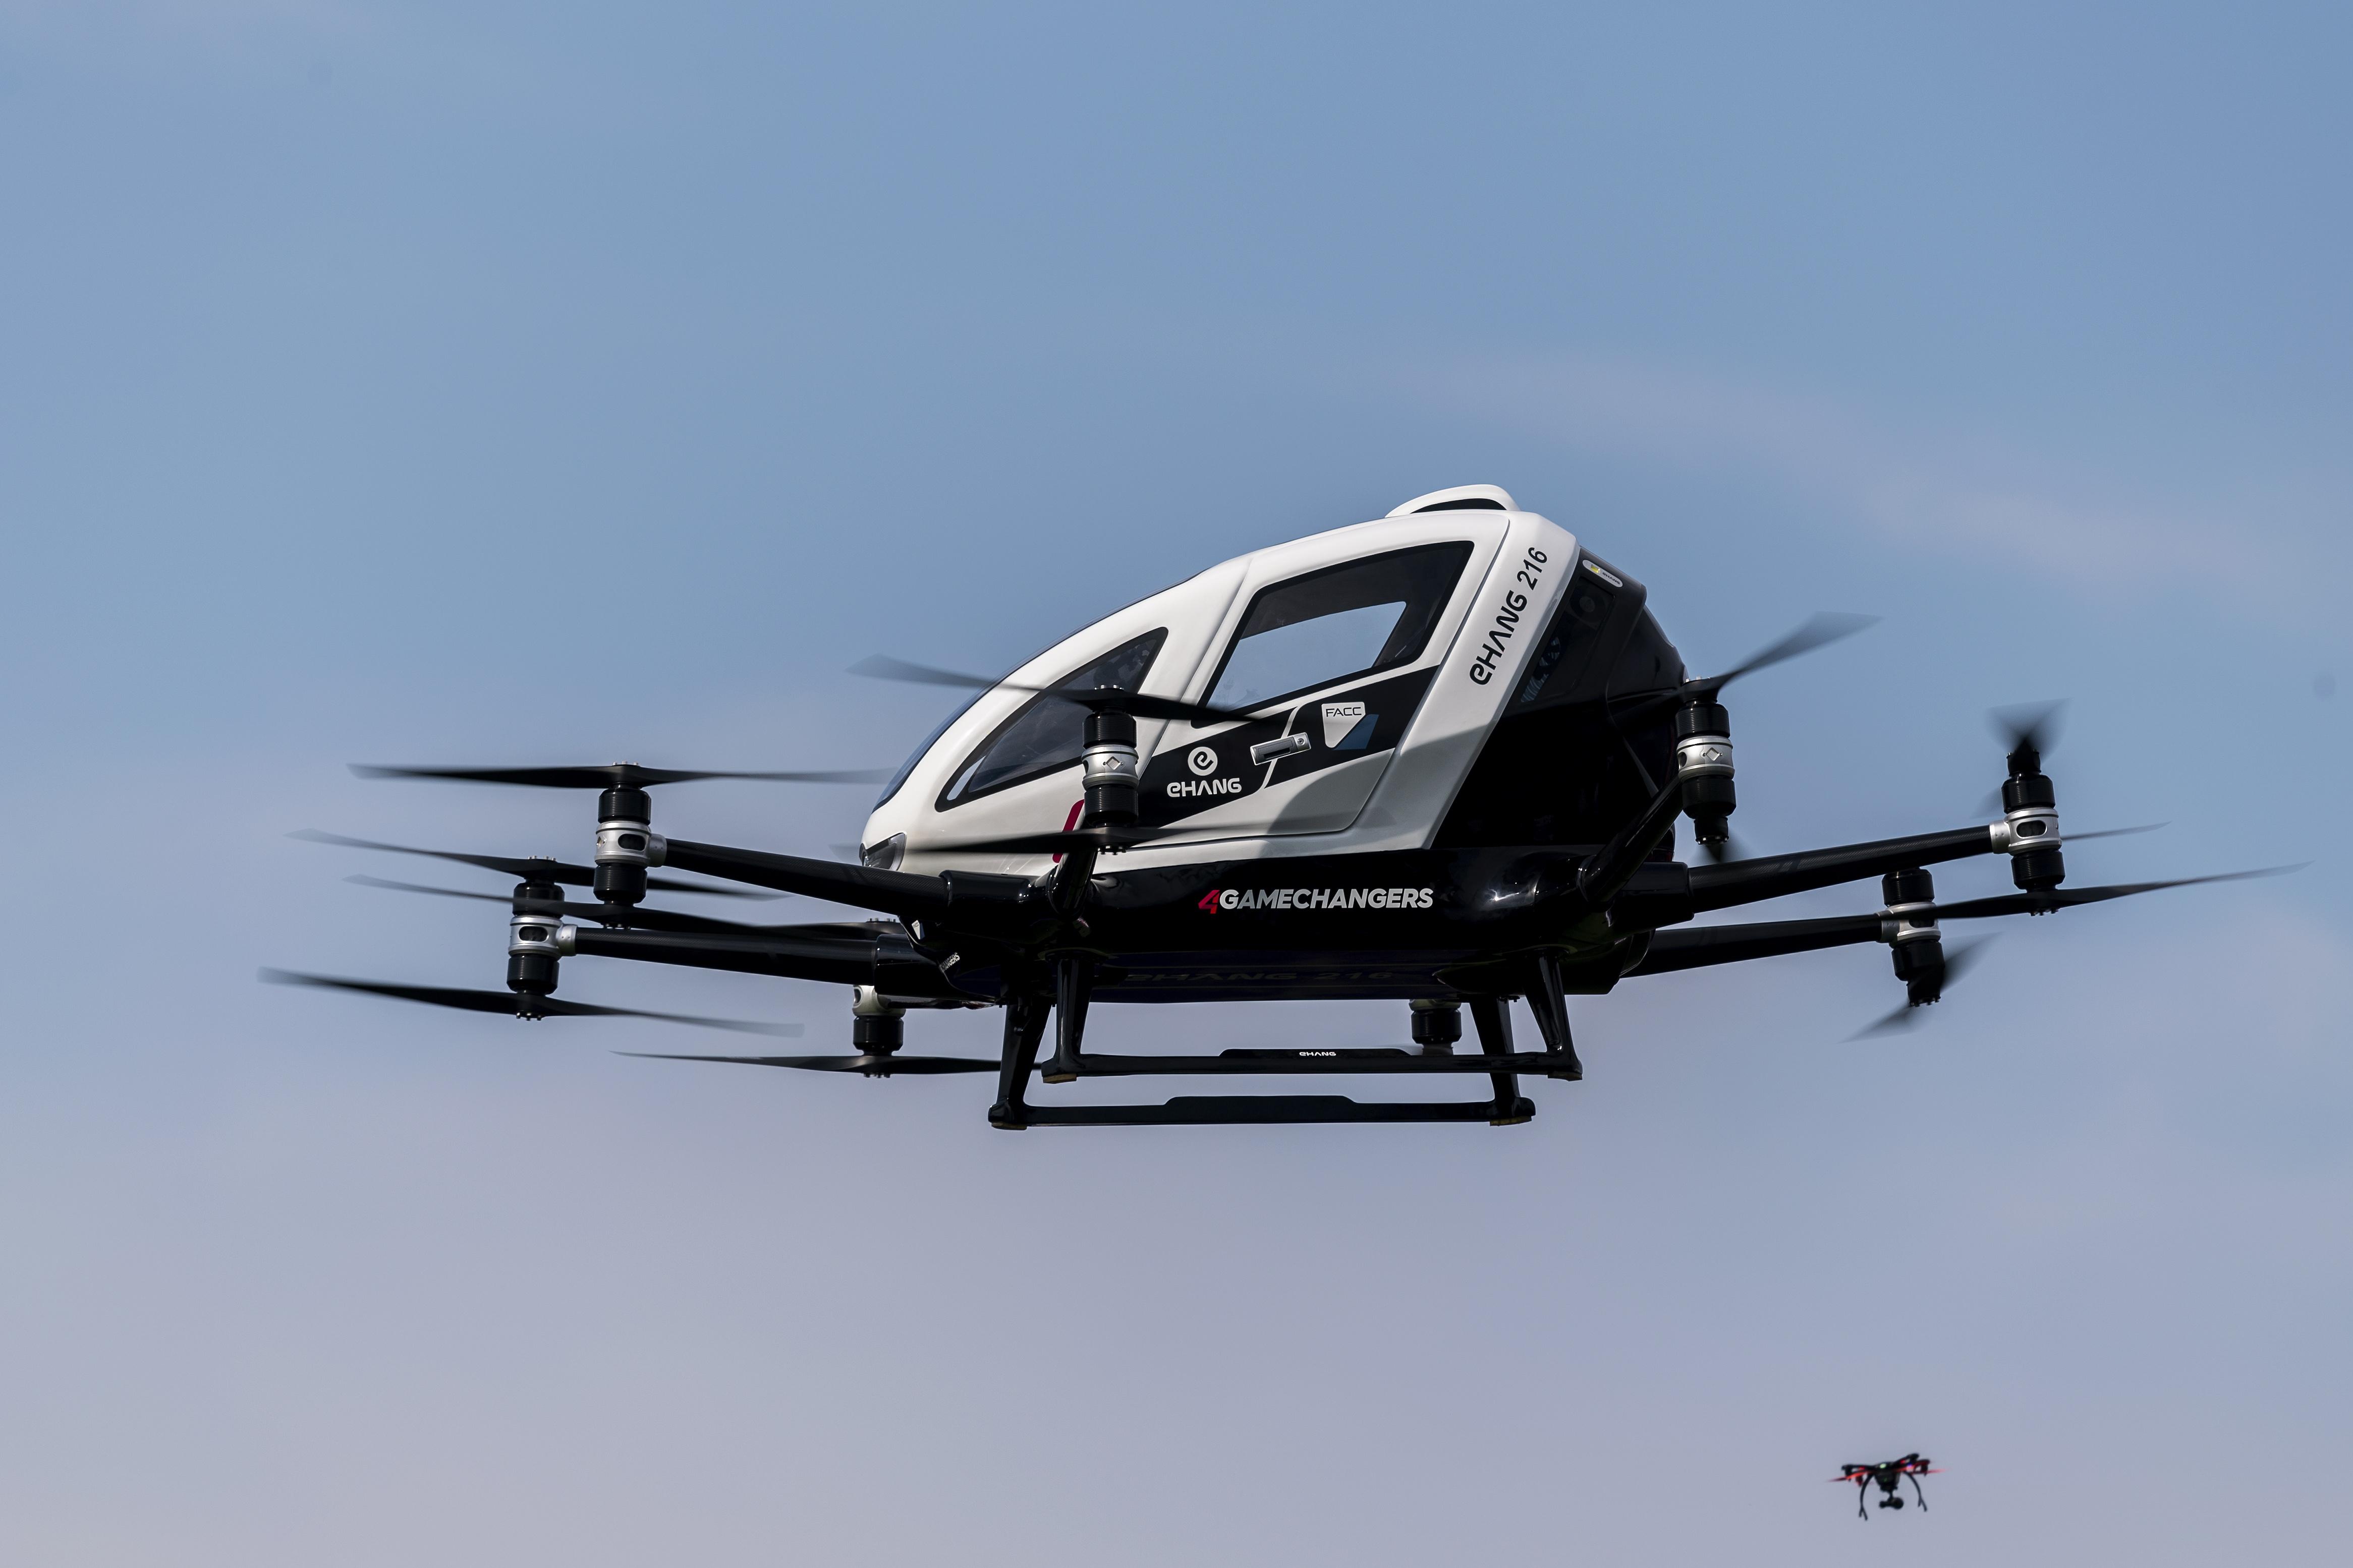 Двуместния автономен пътнически летателен апарат (AAV) може да побере двама души с тегло до 260 килограма и да достигнат до 130 километра в час при максимален обхват на полета от 35 километра и минимум 30 минути продължителност на полета